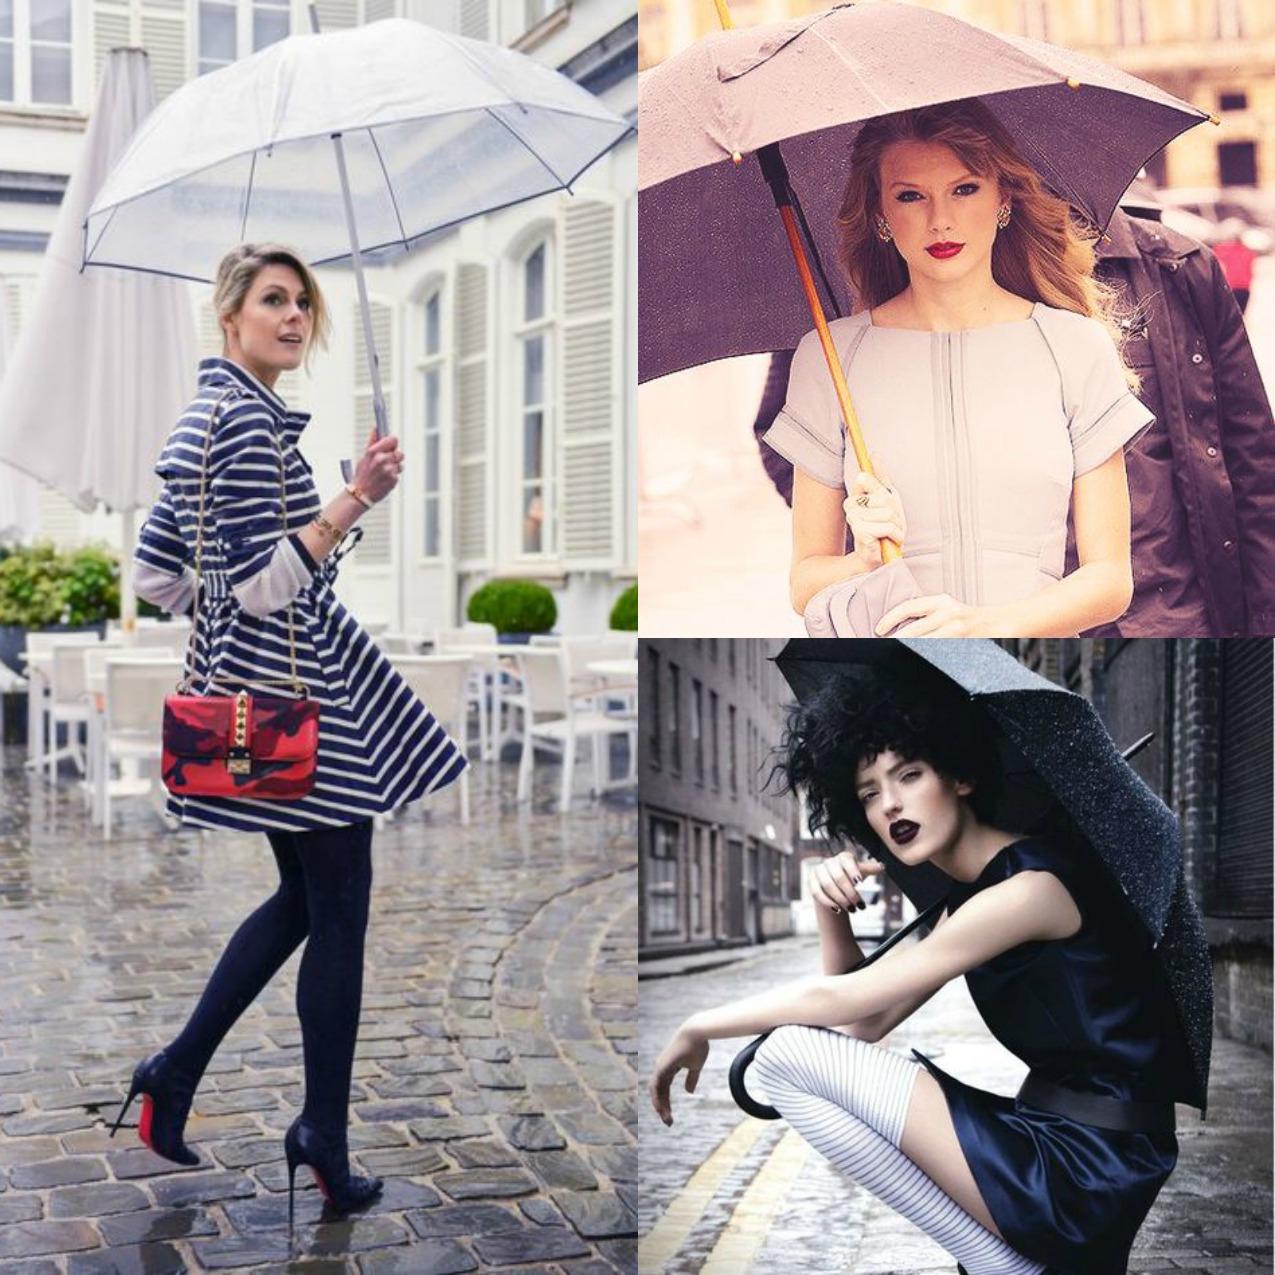 best loved 1006d 1f94f Come vestirsi quando piove: i look per l'autunno ...